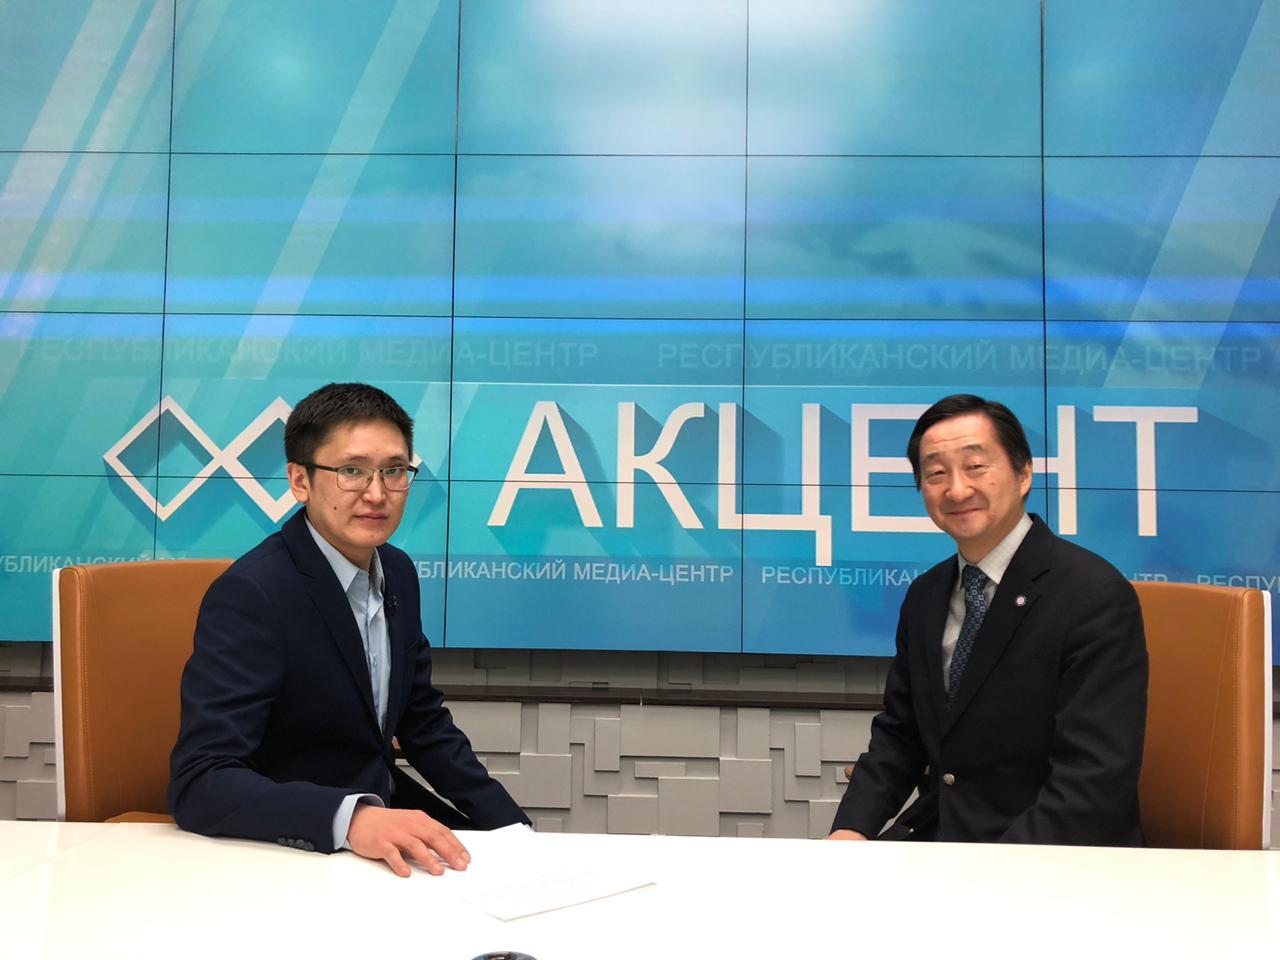 «Акцент»: Японский эксперт Ивао Охаси о сотрудничестве с Якутией